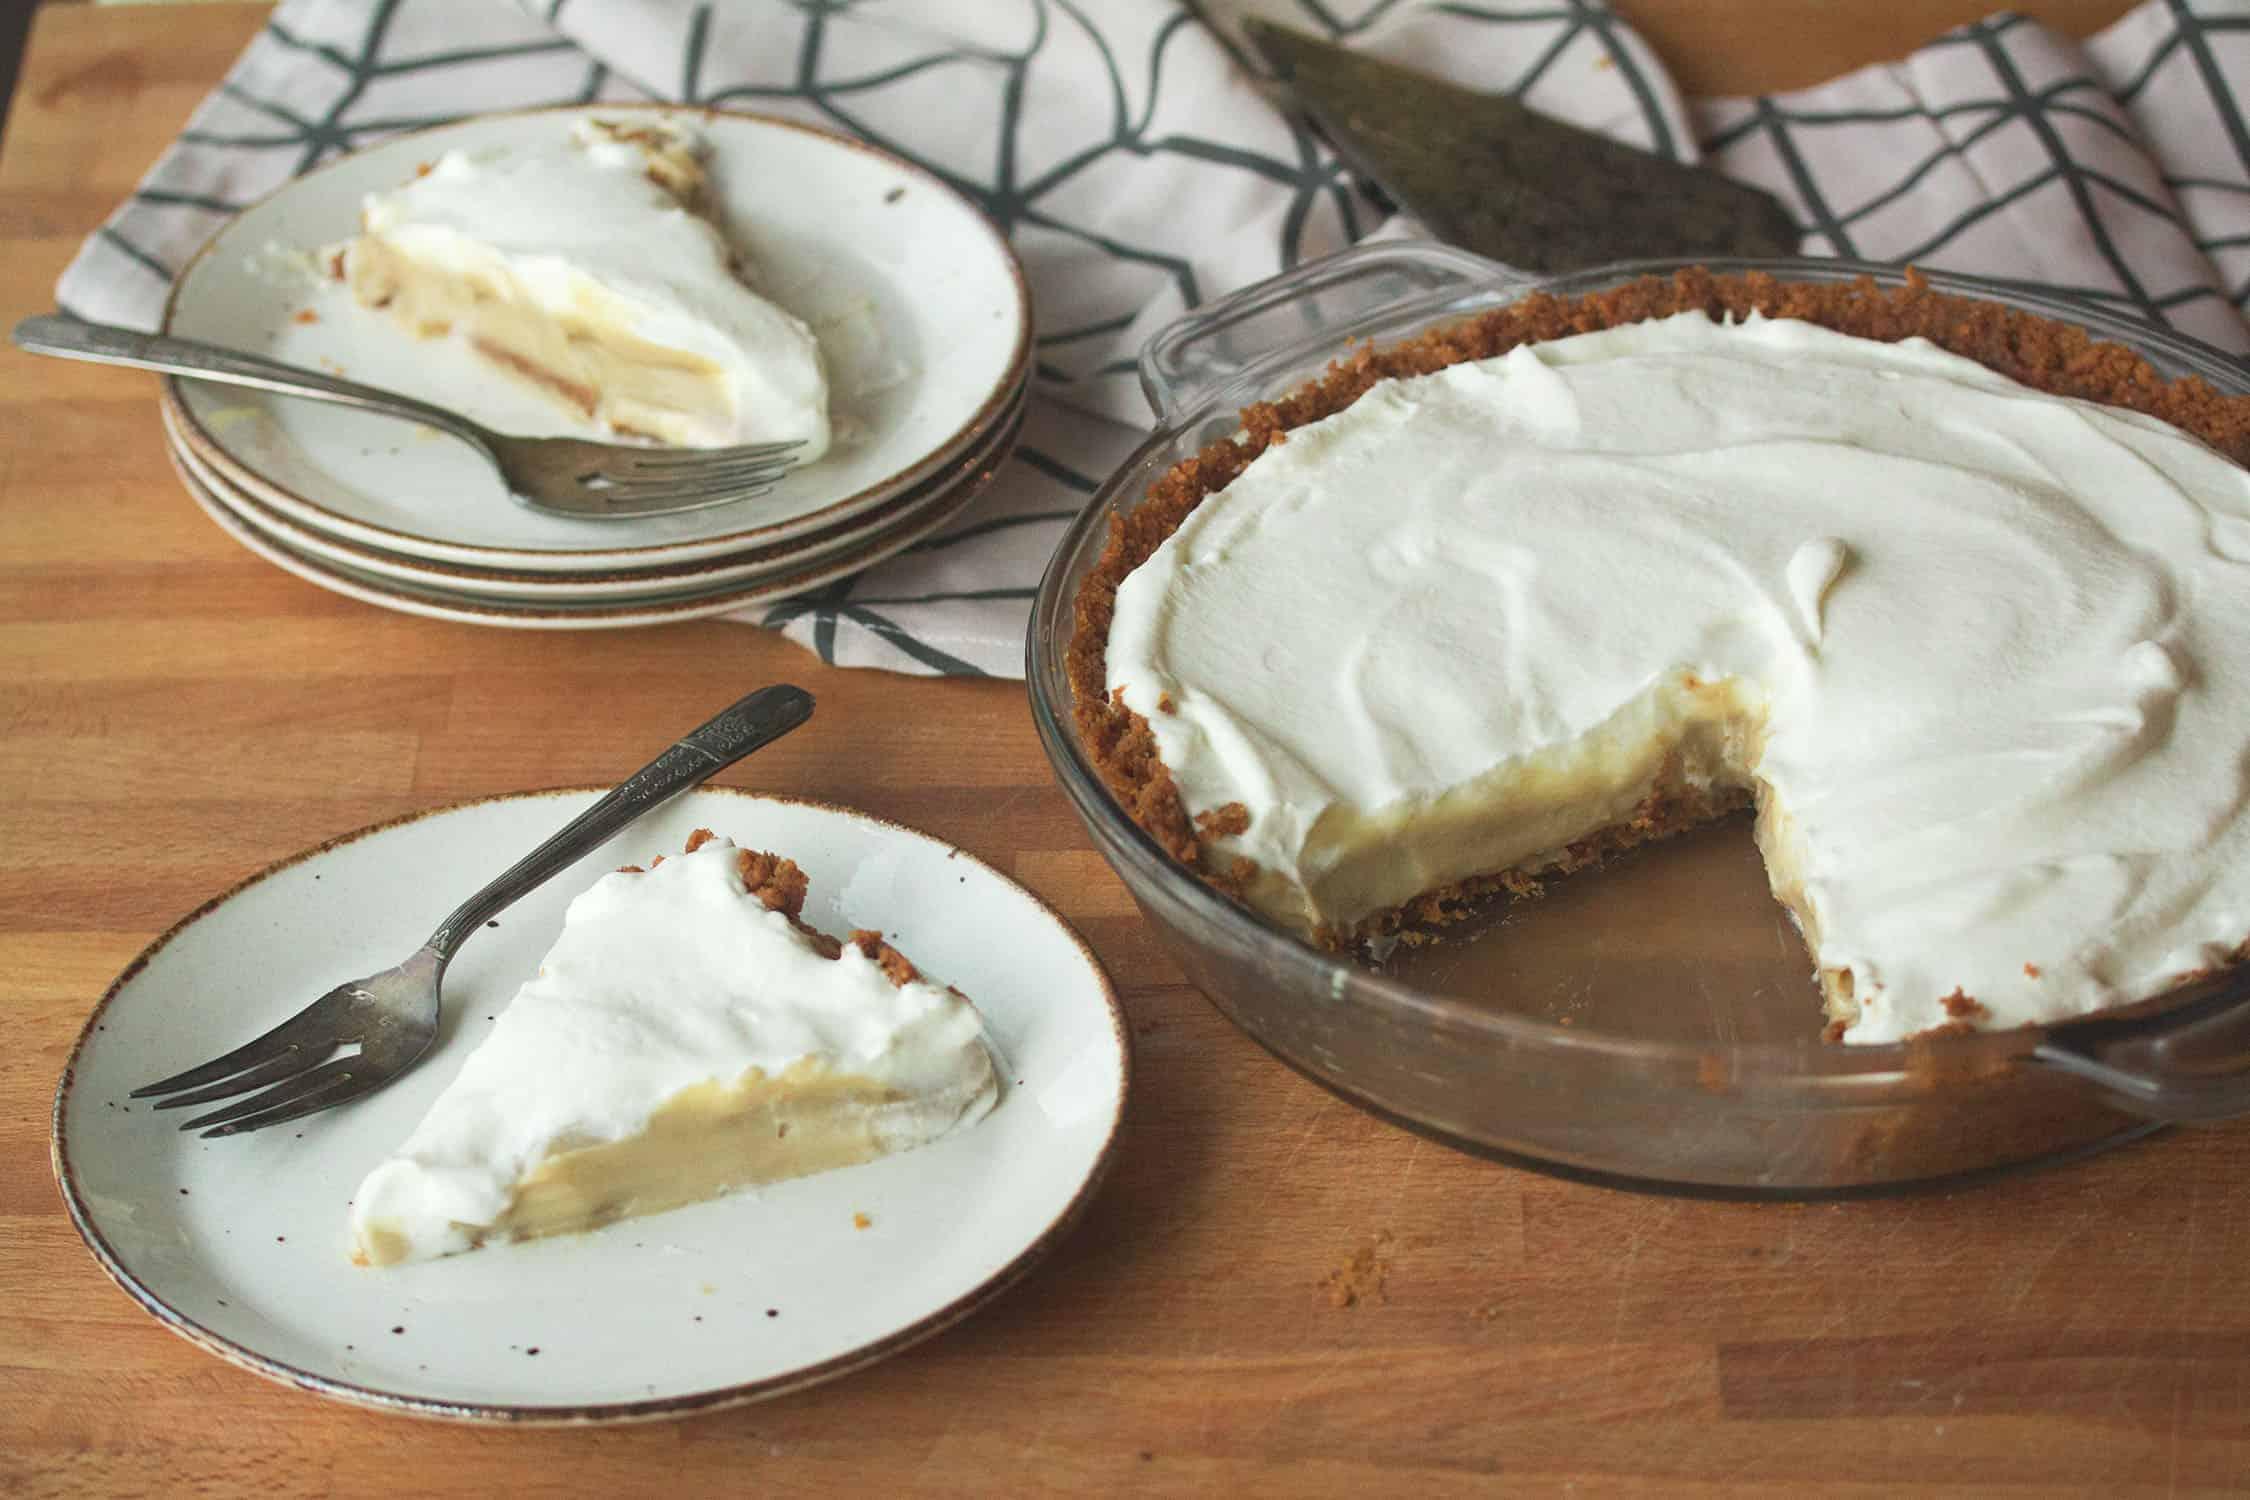 Butterscotch-Bourbon Cream Pie